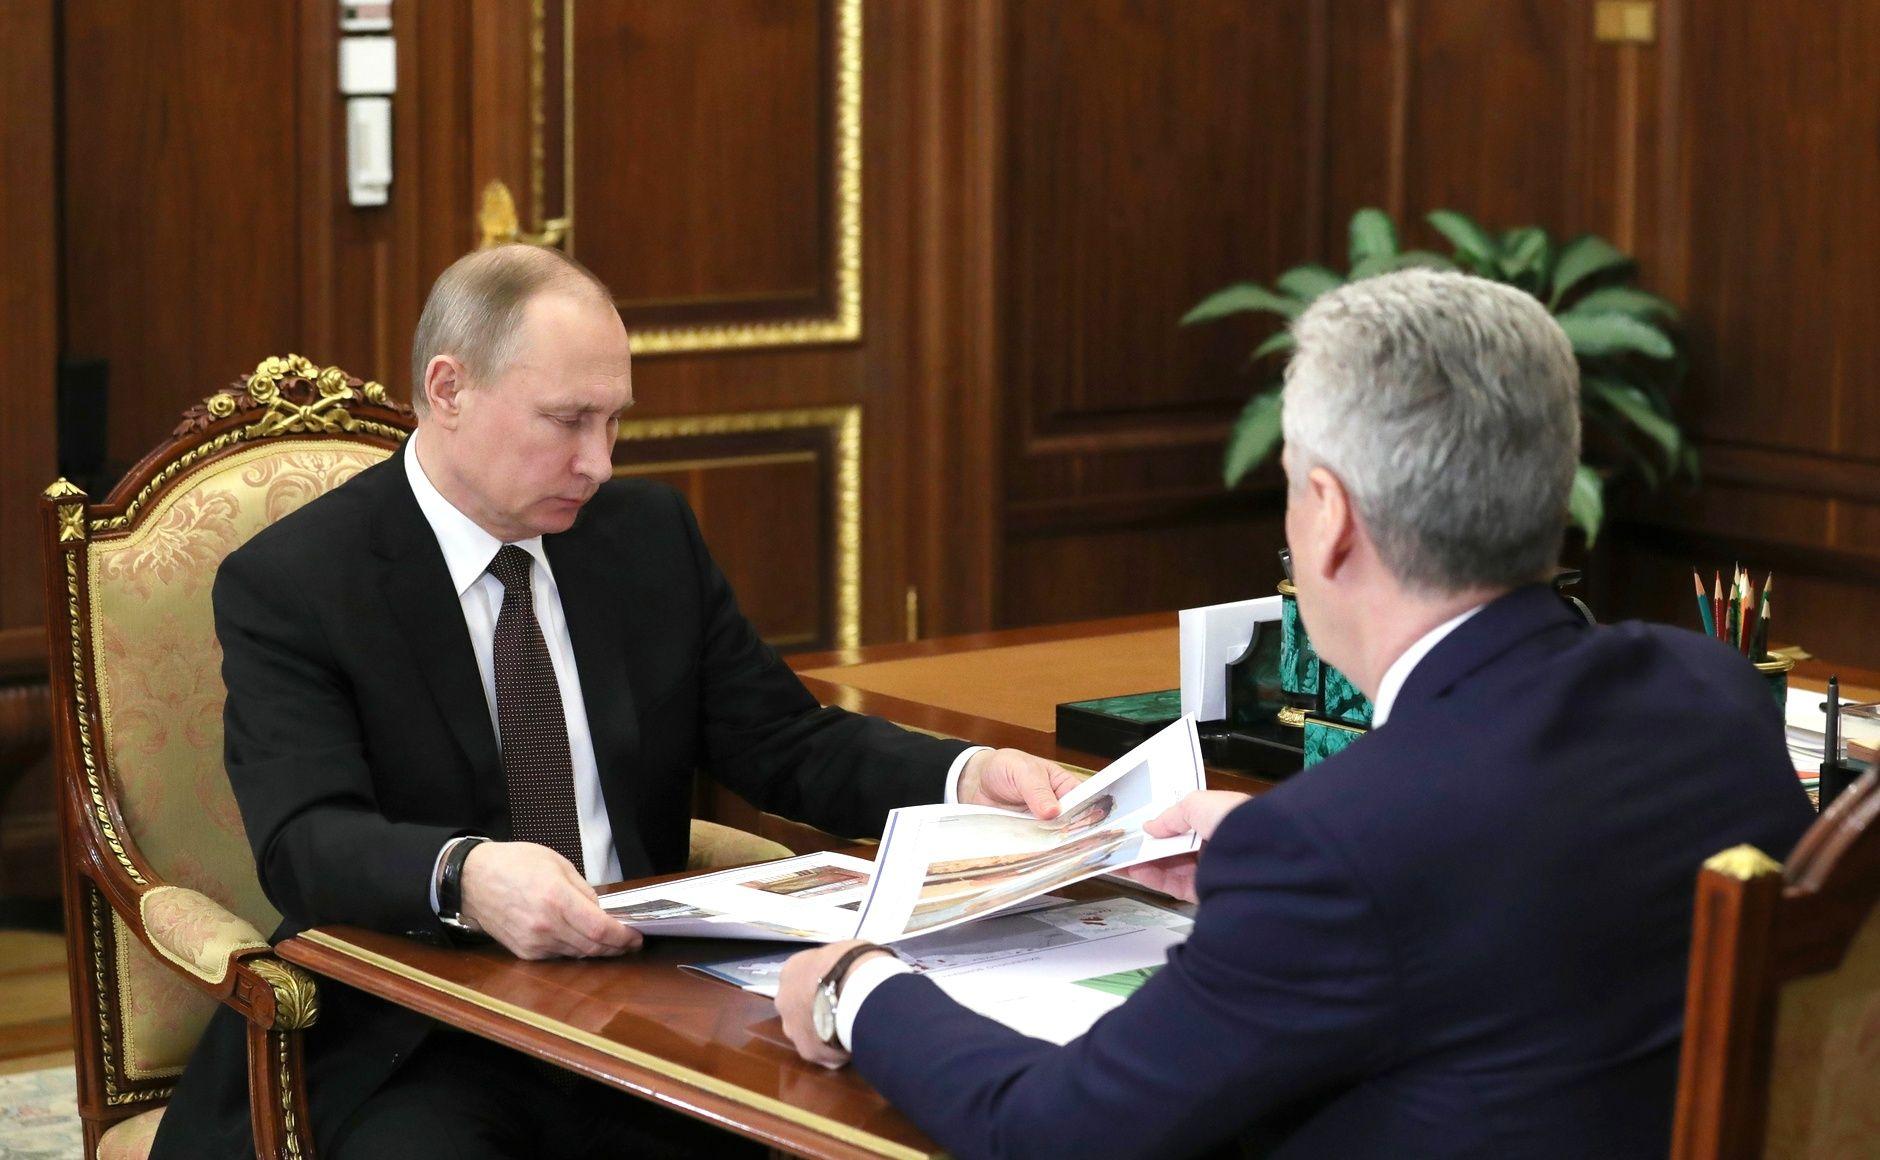 With Moscow Mayor Sergei Sobyanin.